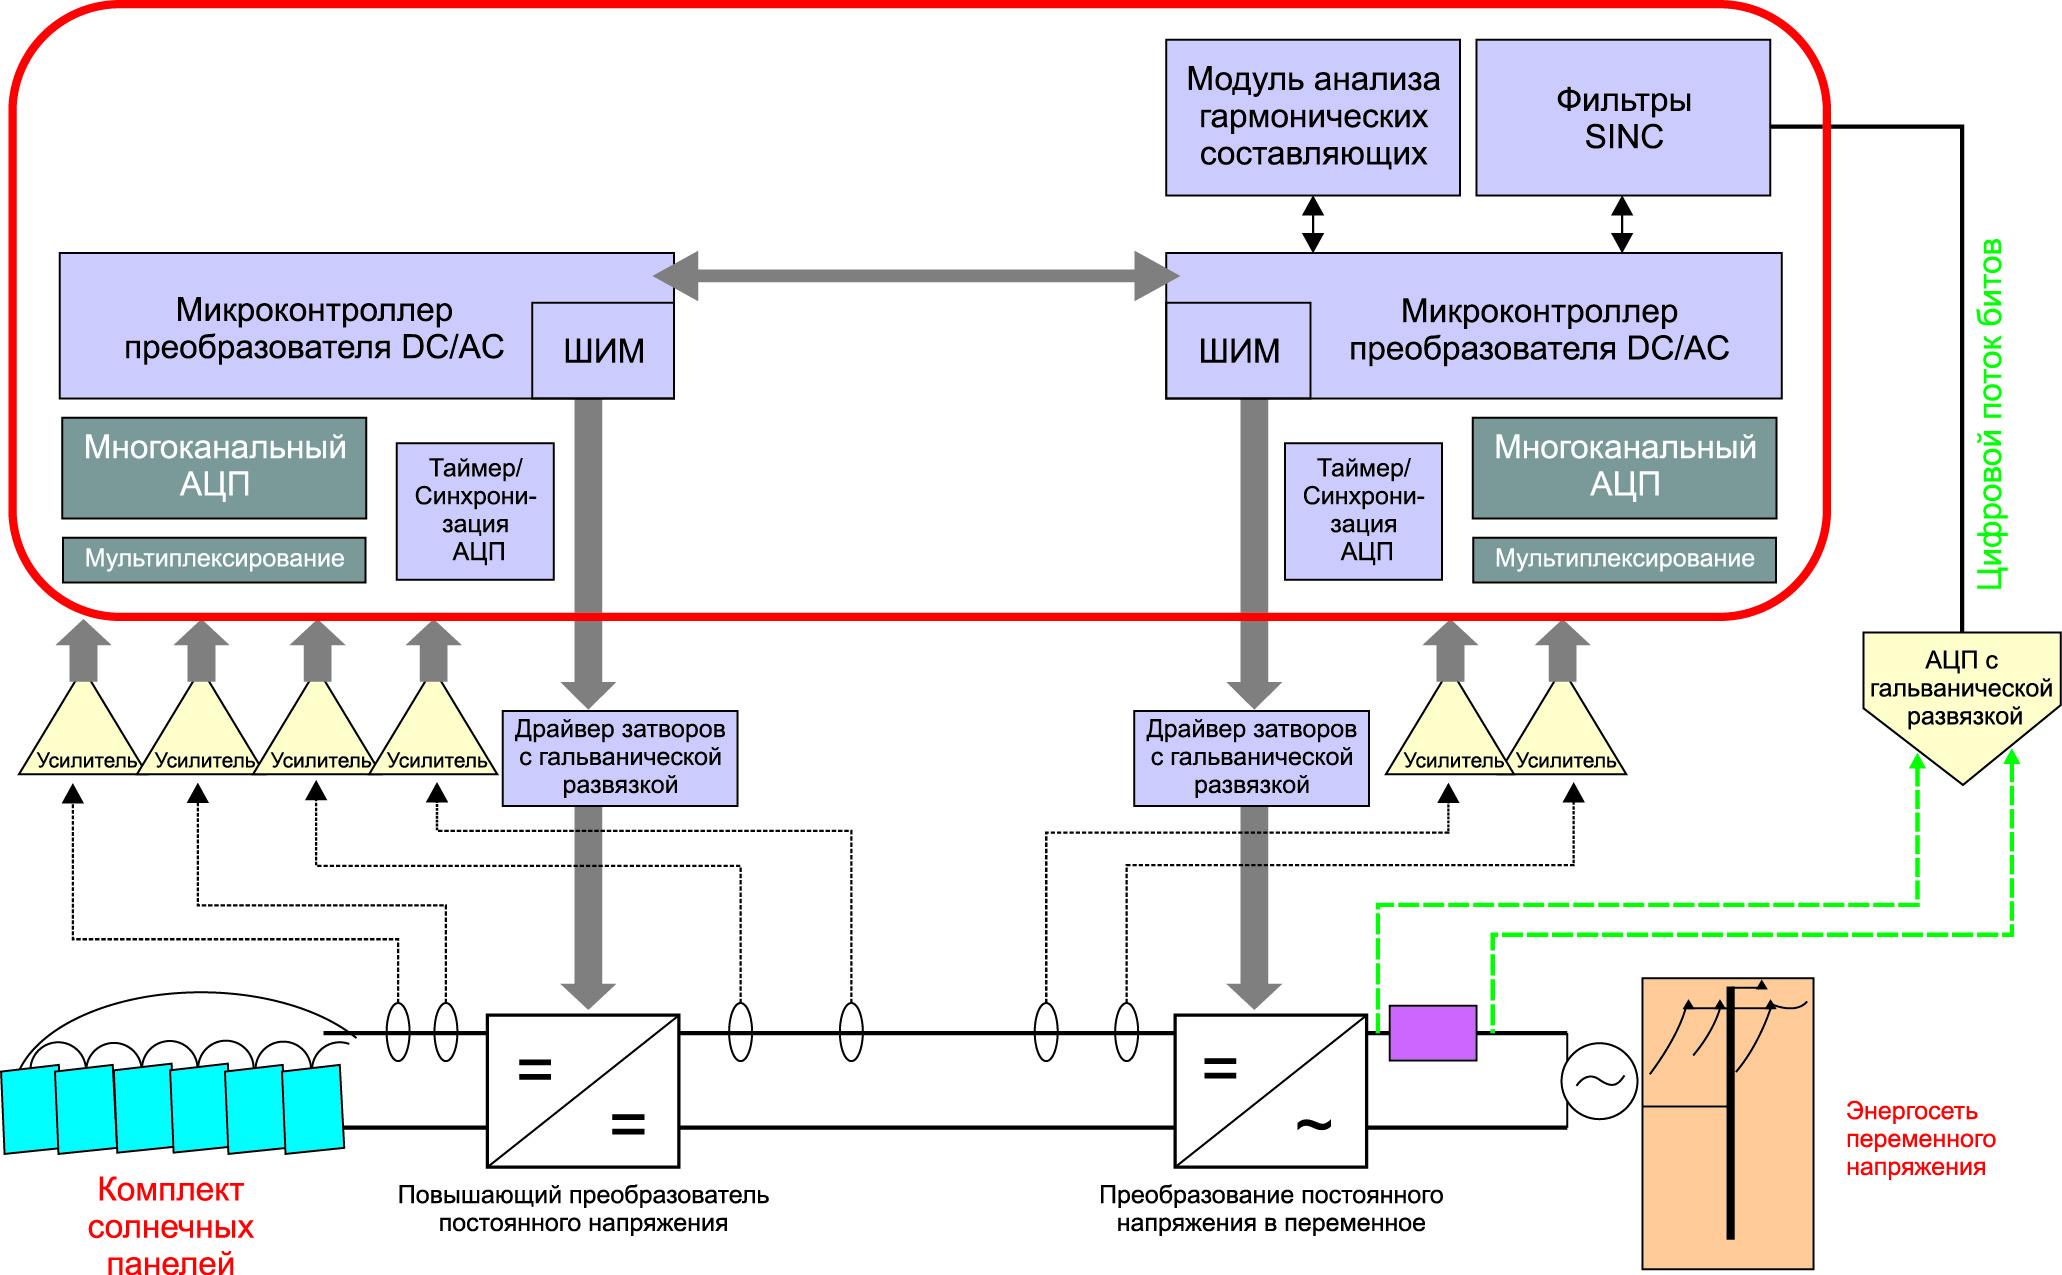 Блок-схема двухкаскадного инвертора фотоэлектрической солнечной панели.(Красным цветом выделены элементы, которые могут быть совмещены путем интеллектуальной интеграции)